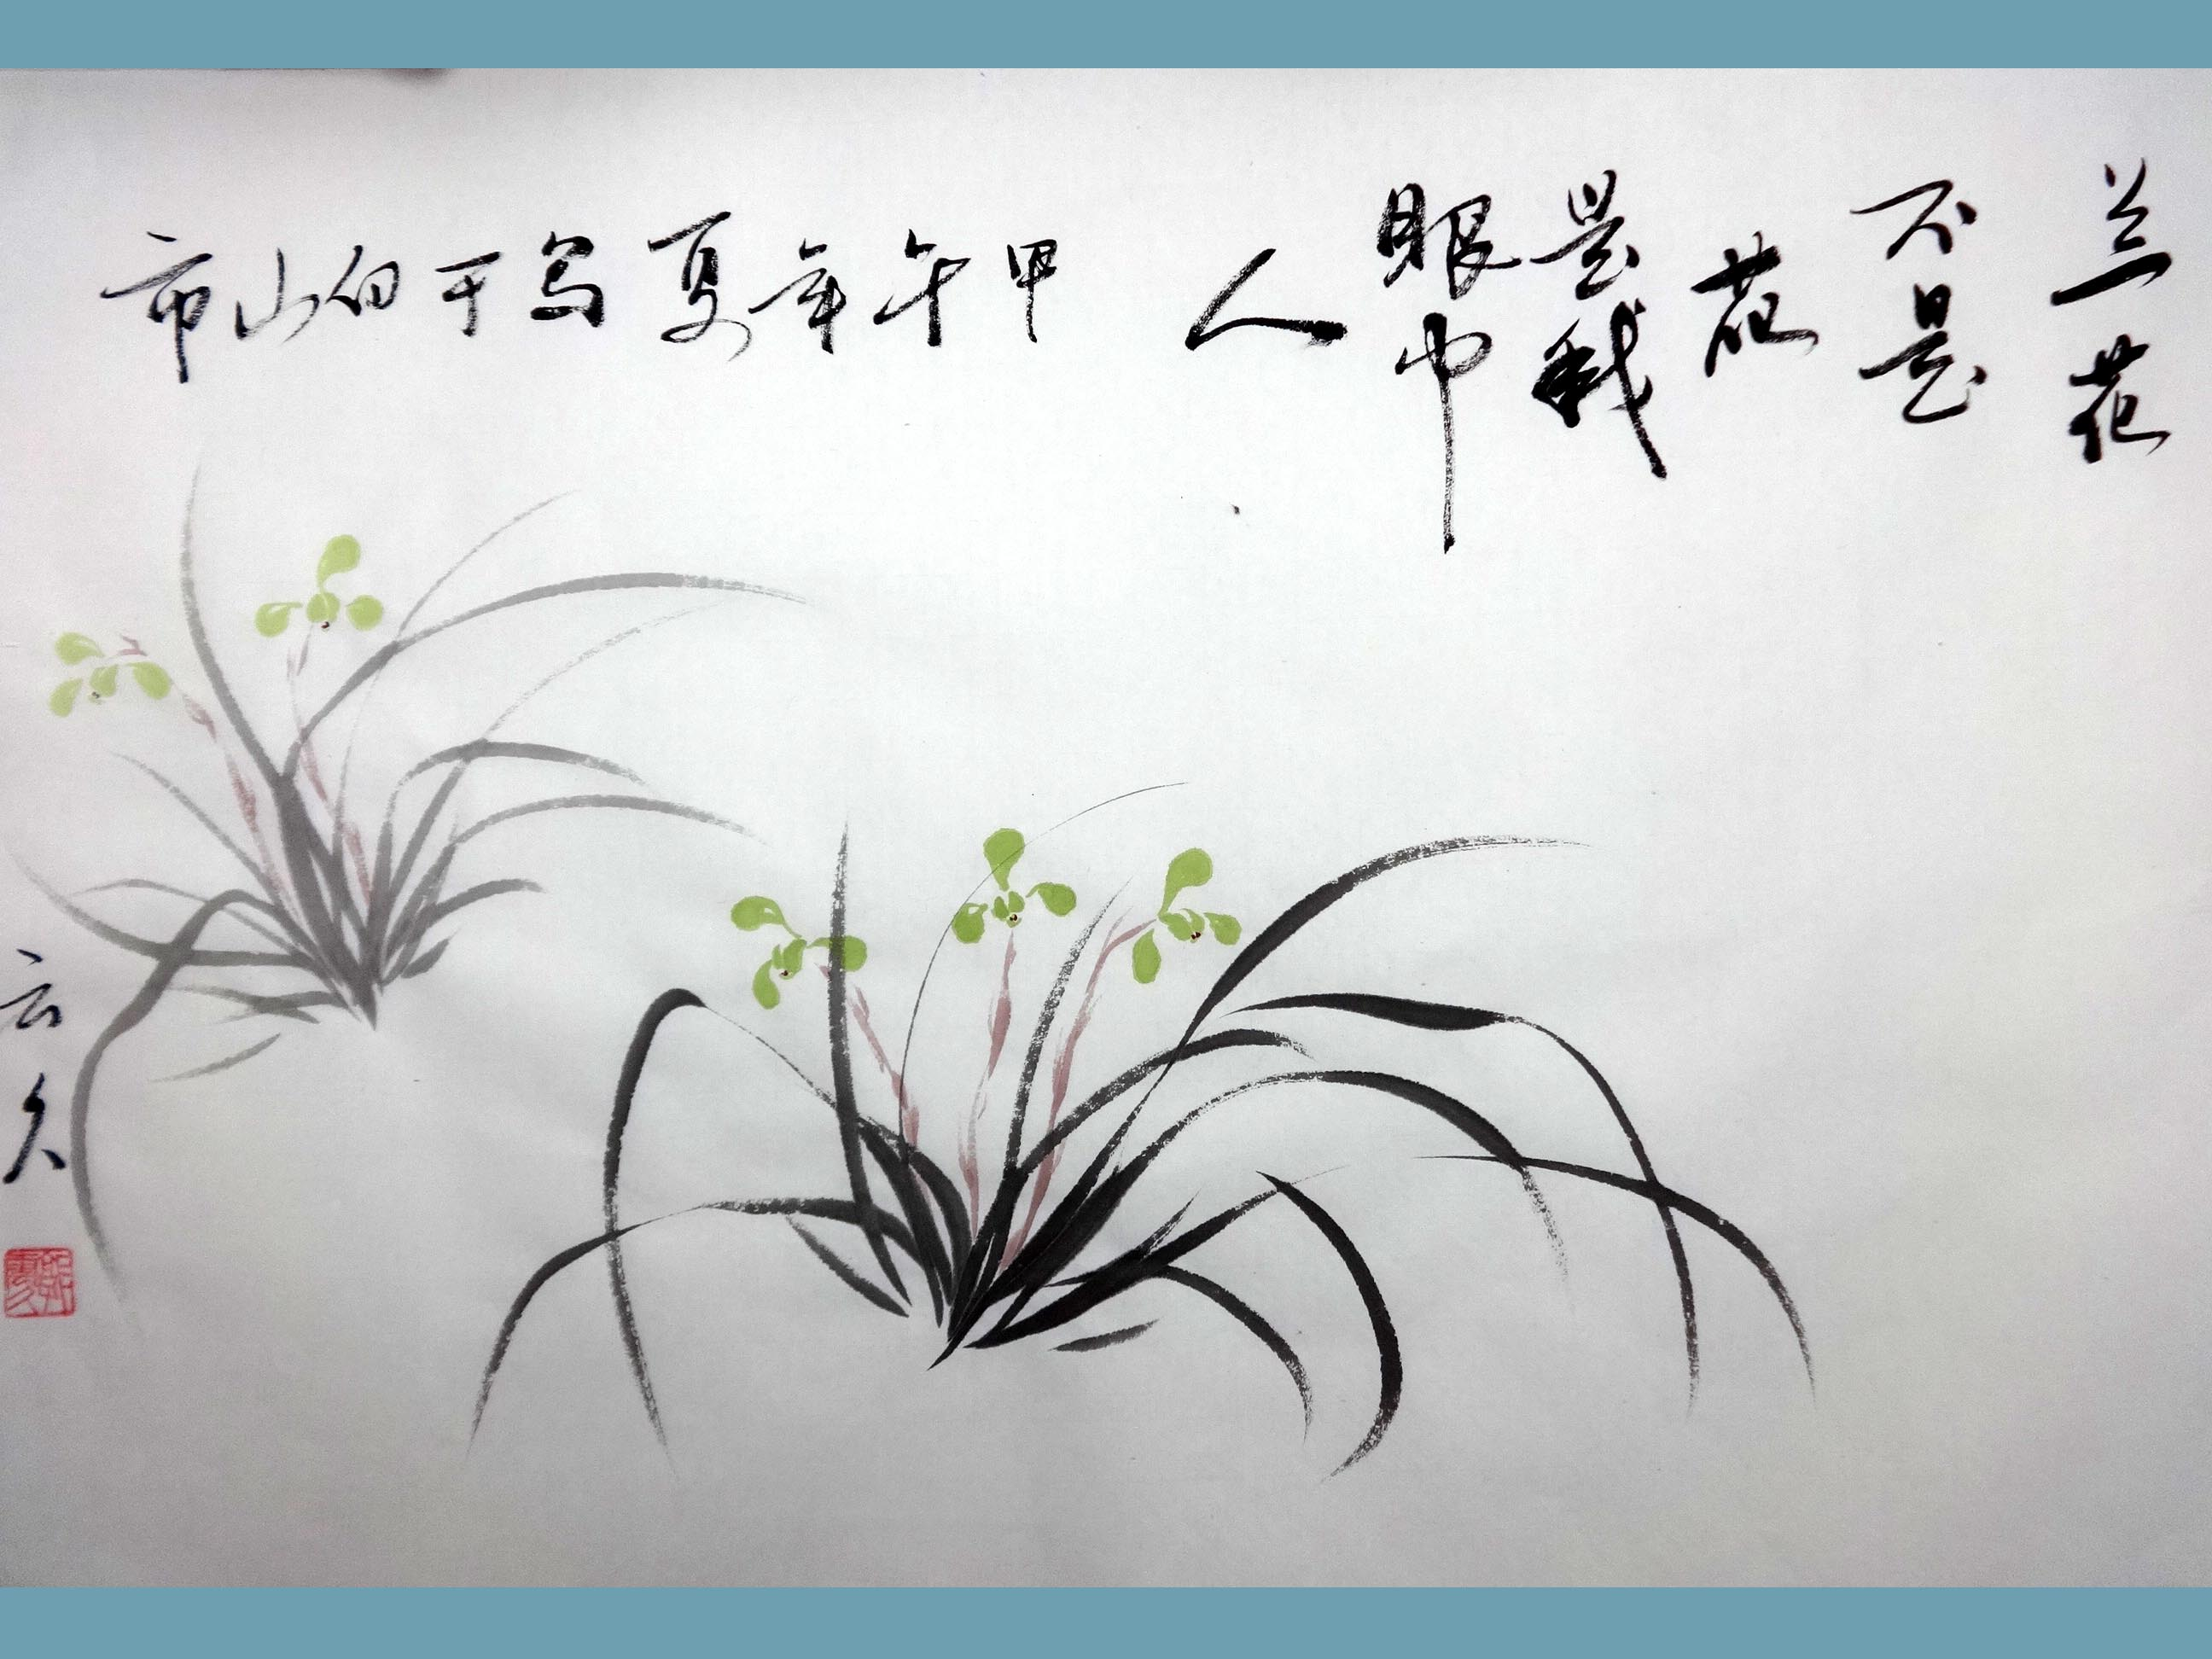 国画 兰花写意-兰花不是花,是我眼中人